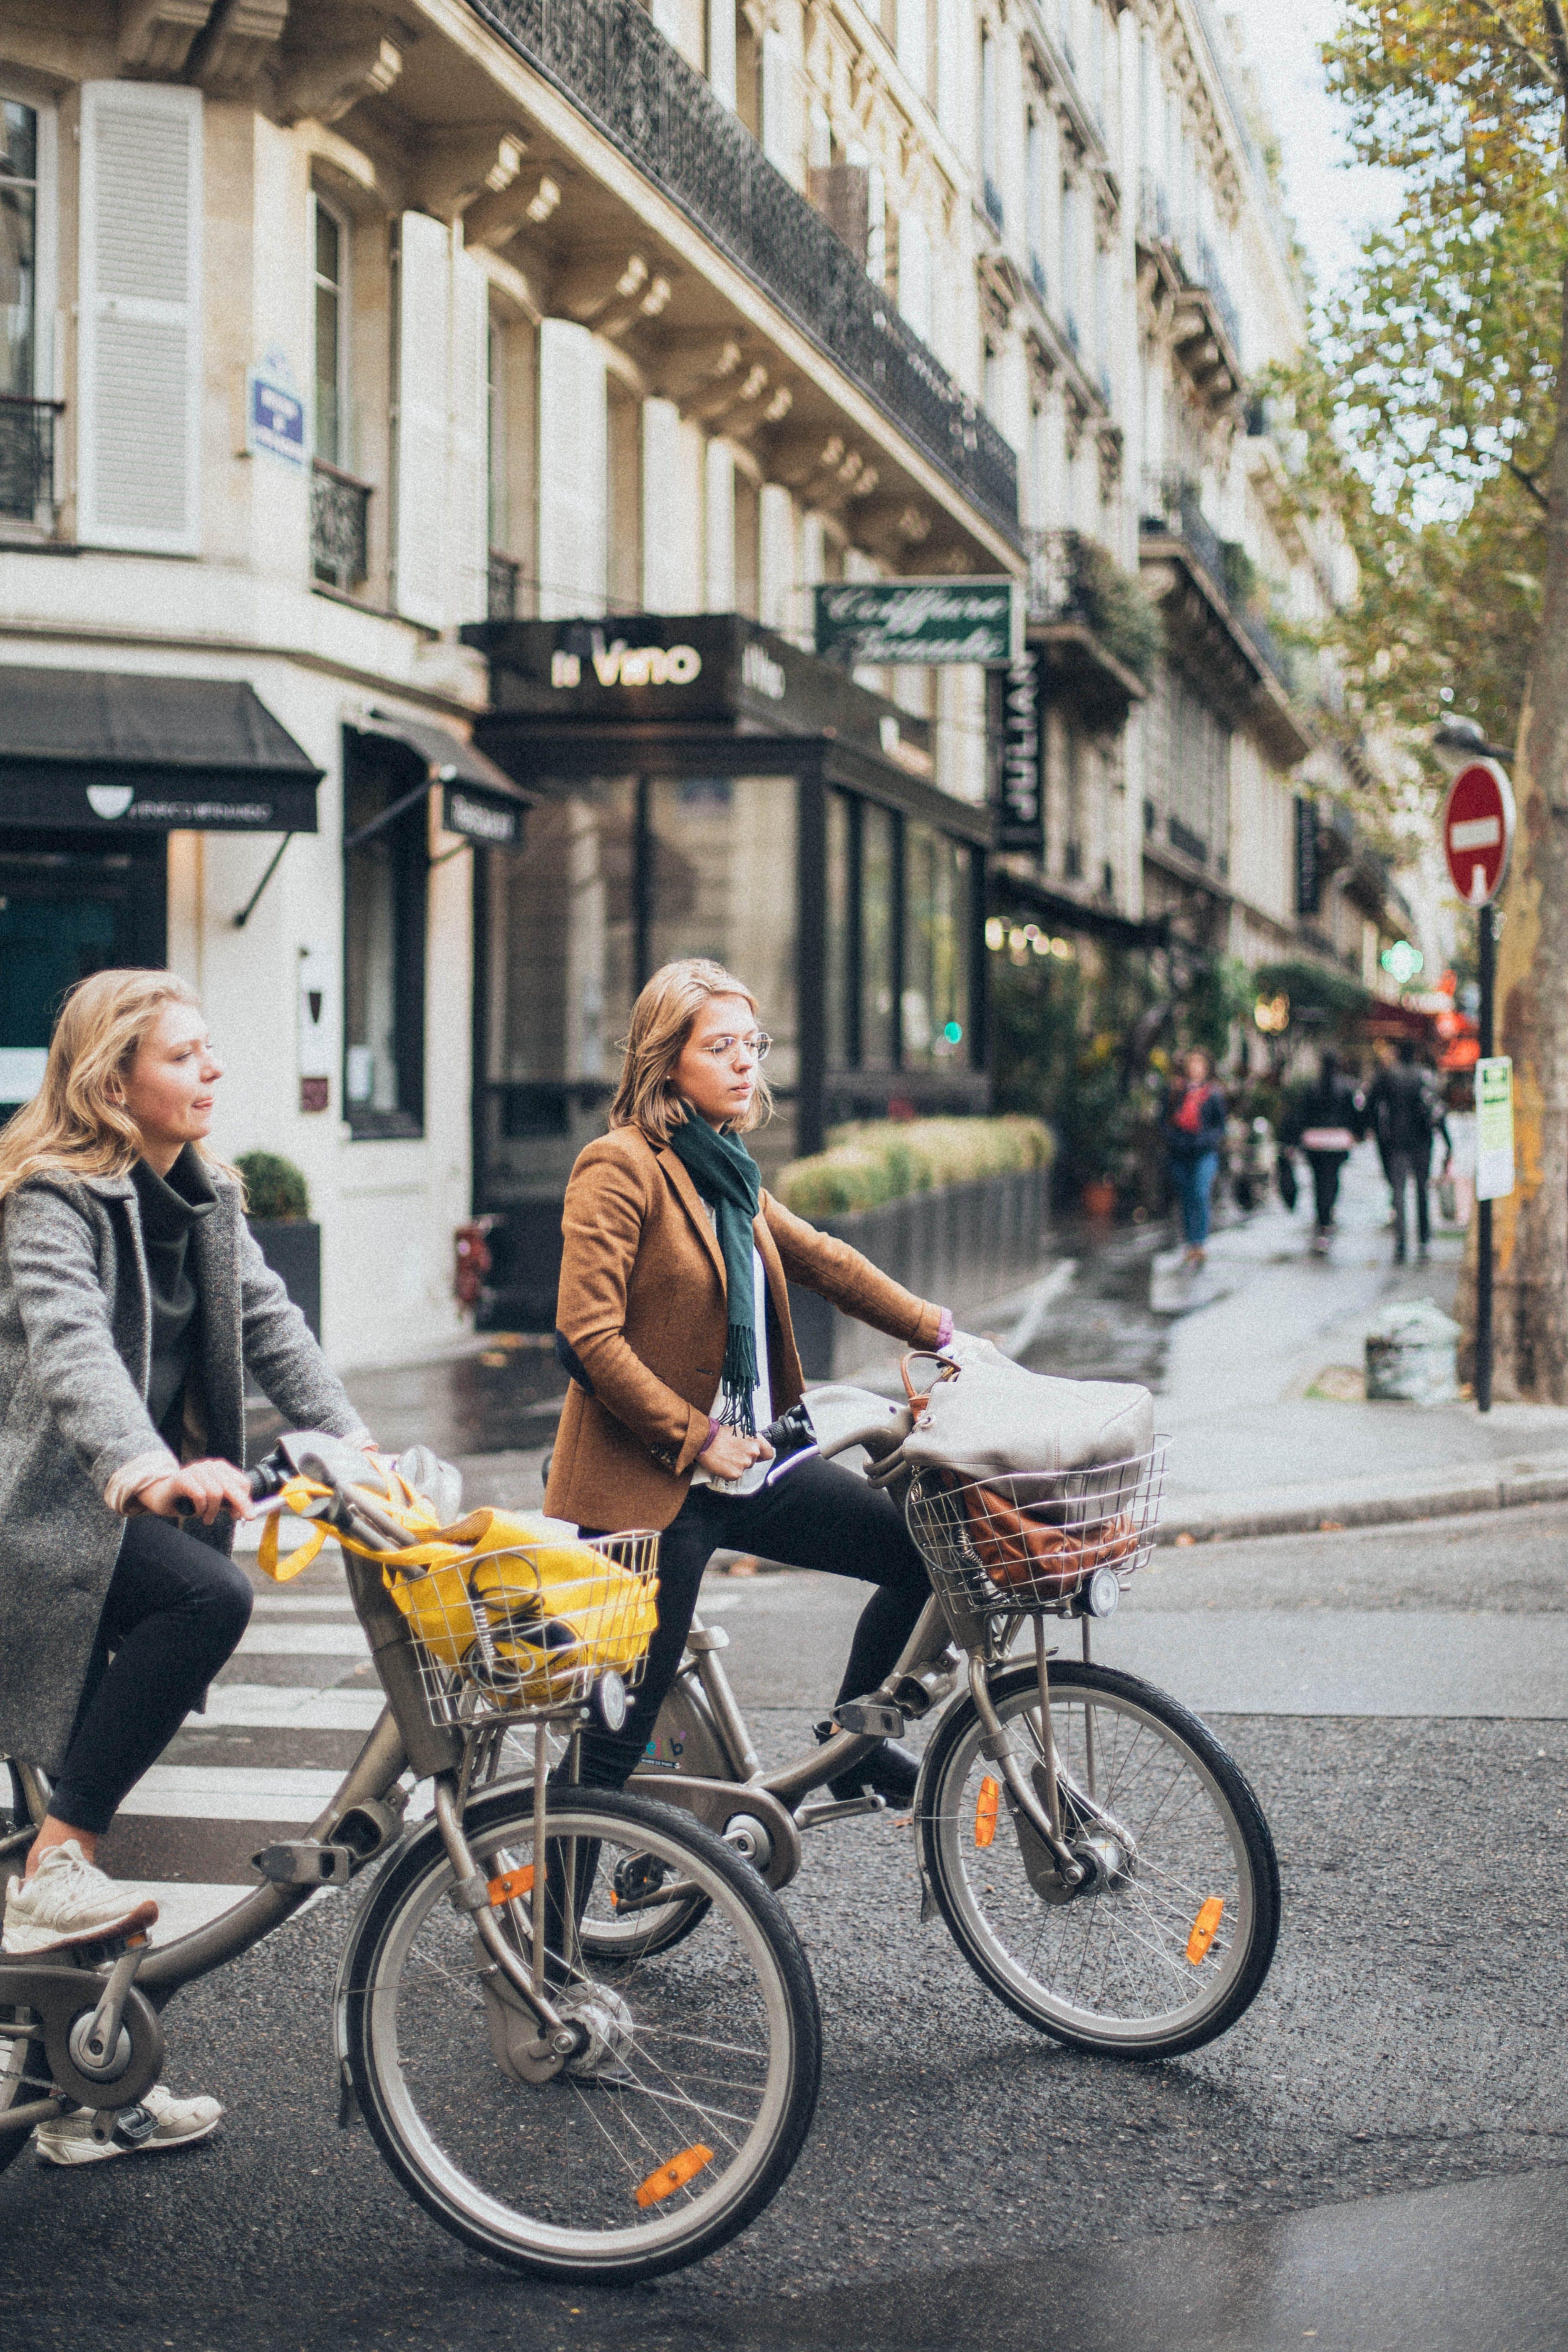 Kostenloses Stock Foto zu draußen, fahrräder, fahrzeuge, frauen